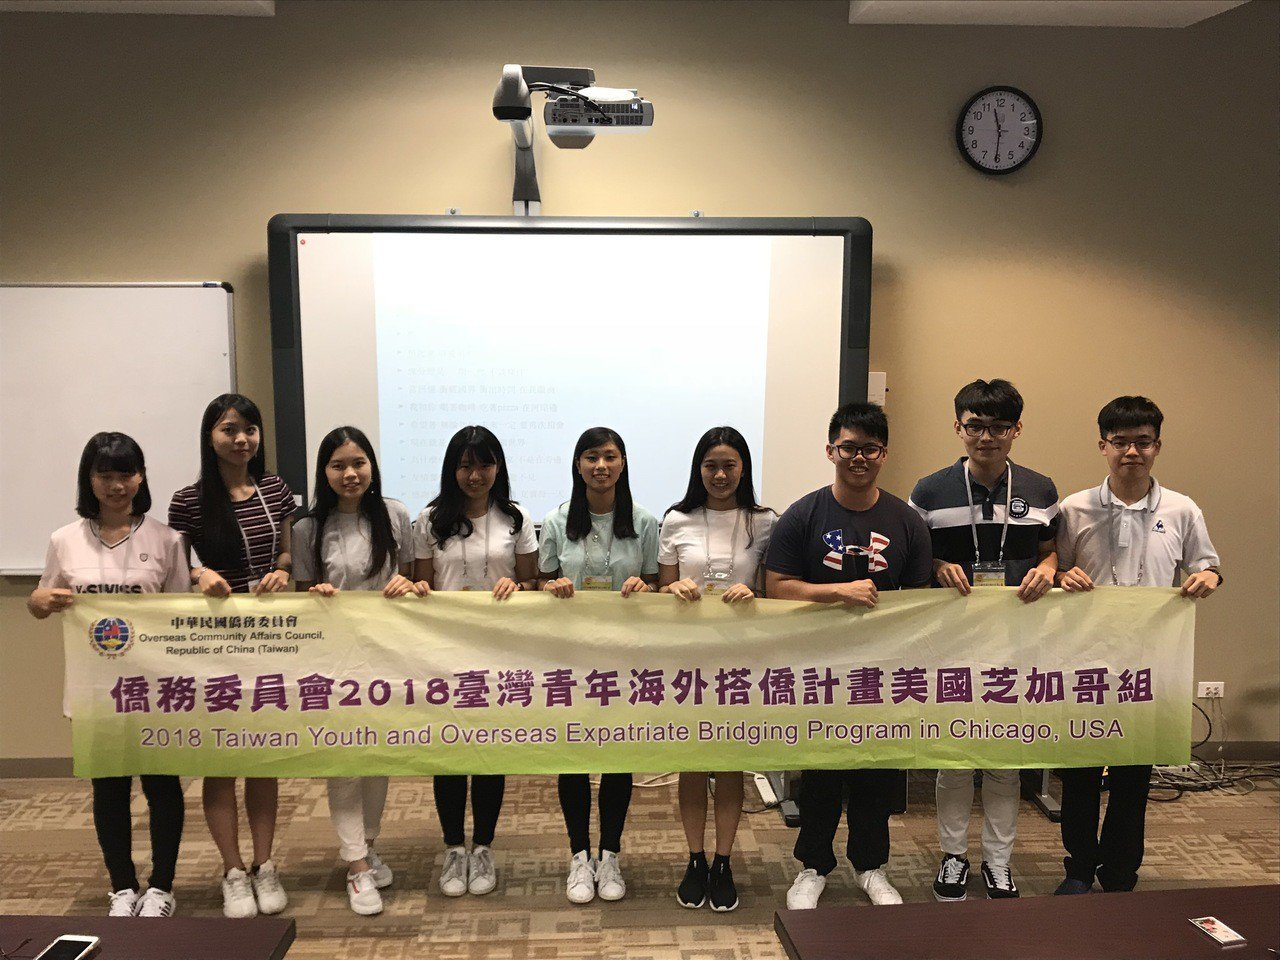 中華民國僑務委員會舉辦的第二次「海外搭僑計畫-芝加哥站」迎來九名學員,他們21日...